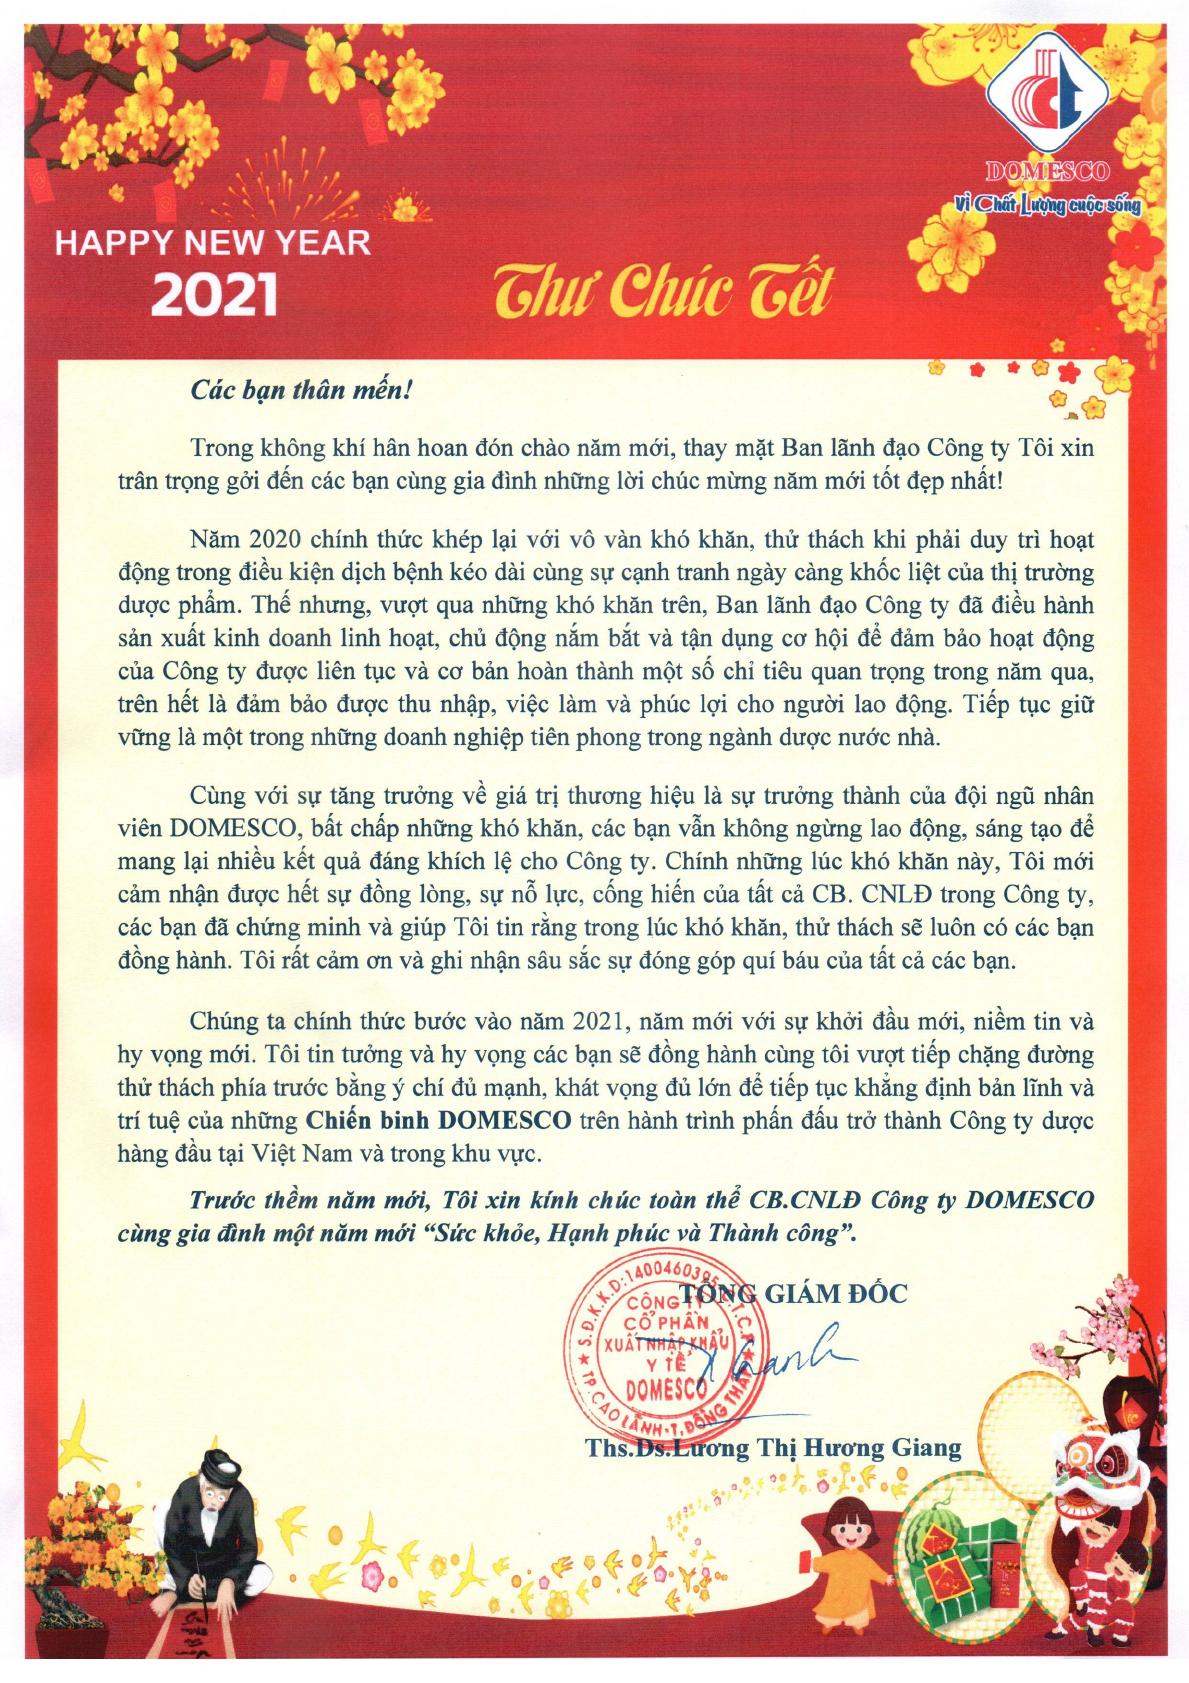 THƯ CHÚC TẾT TÂN SỬU 2021